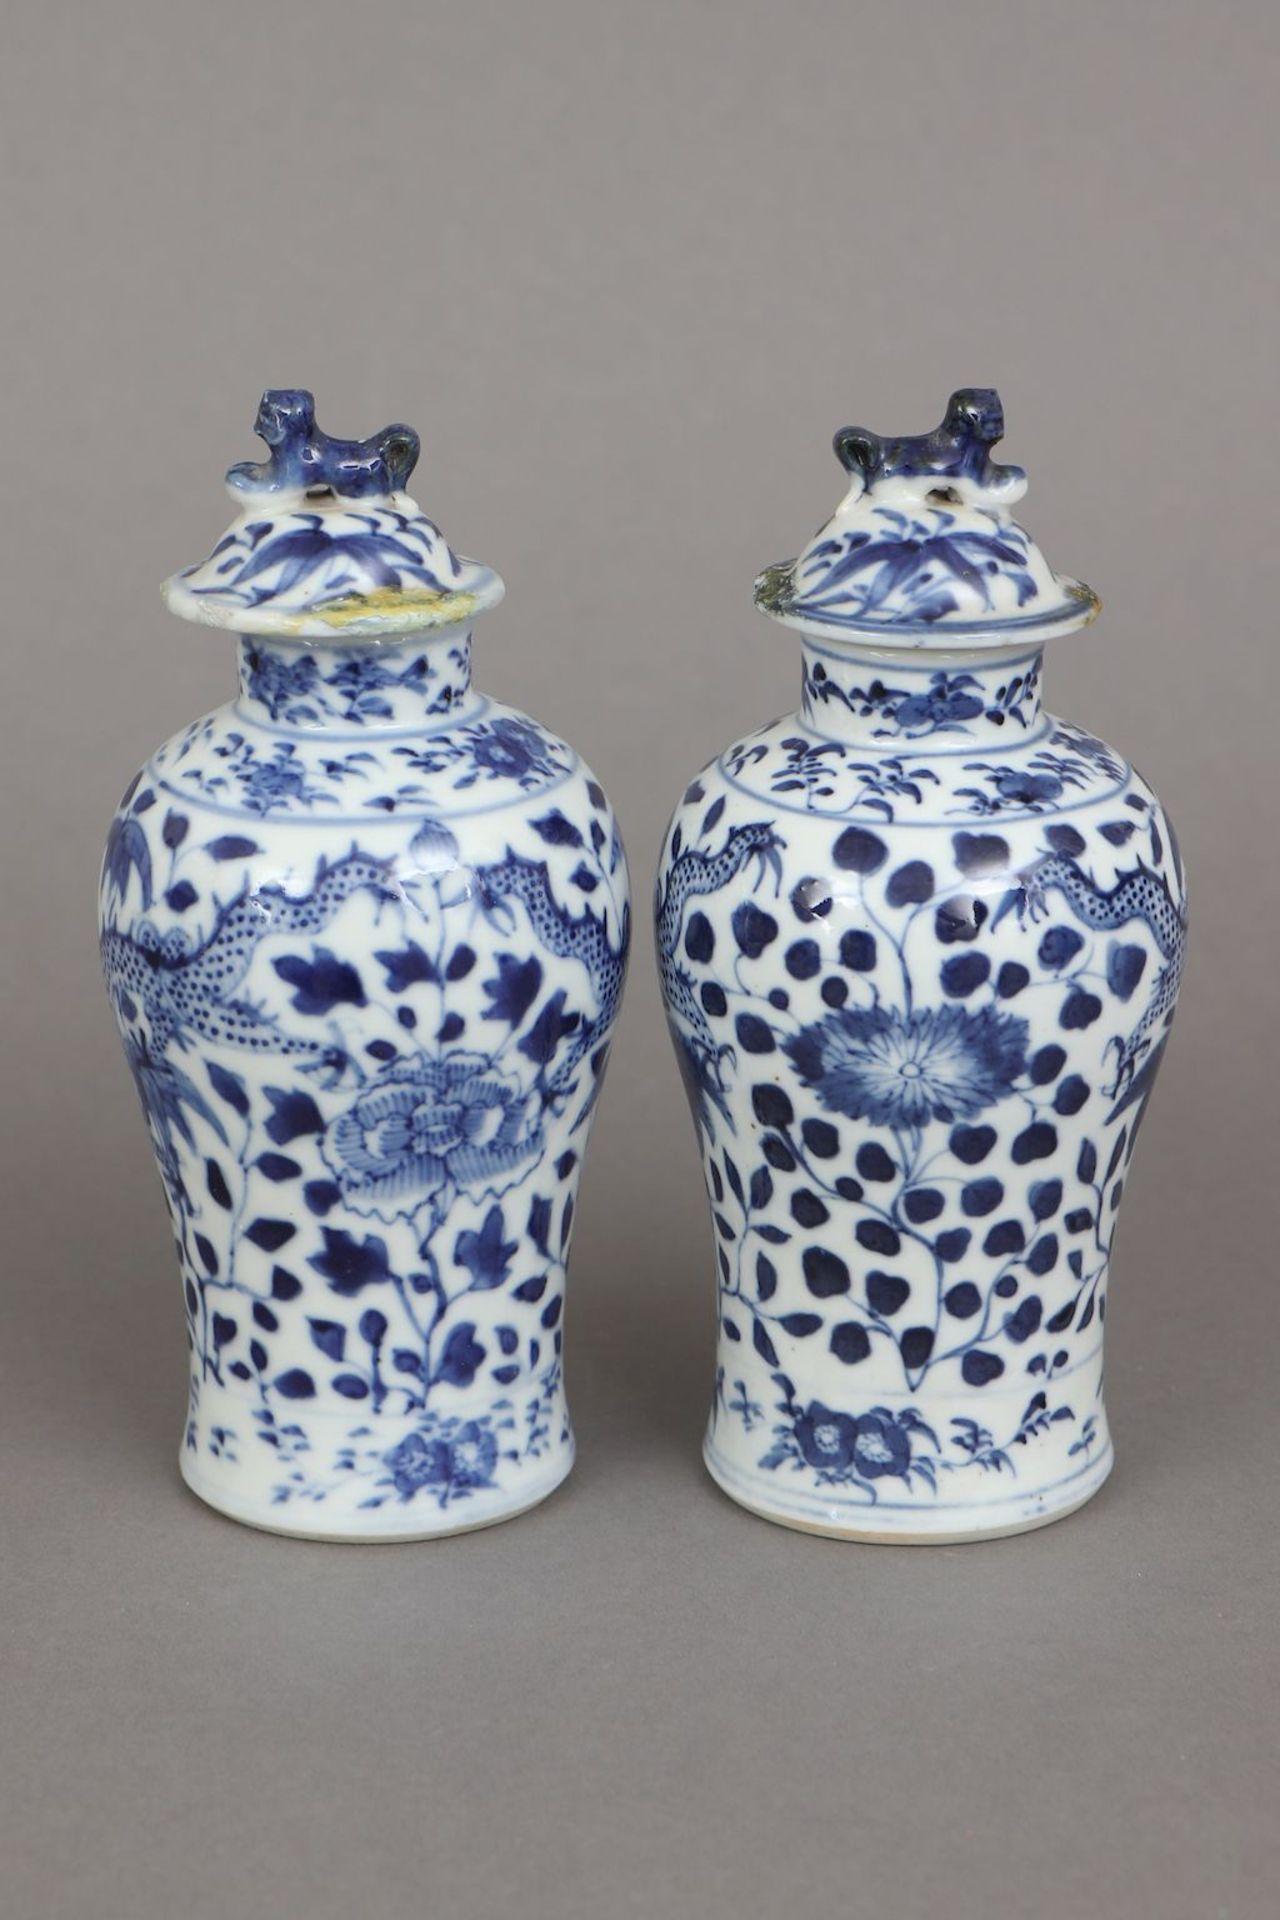 2 chinesische Deckelvasen mit Blaumalerei - Image 2 of 5